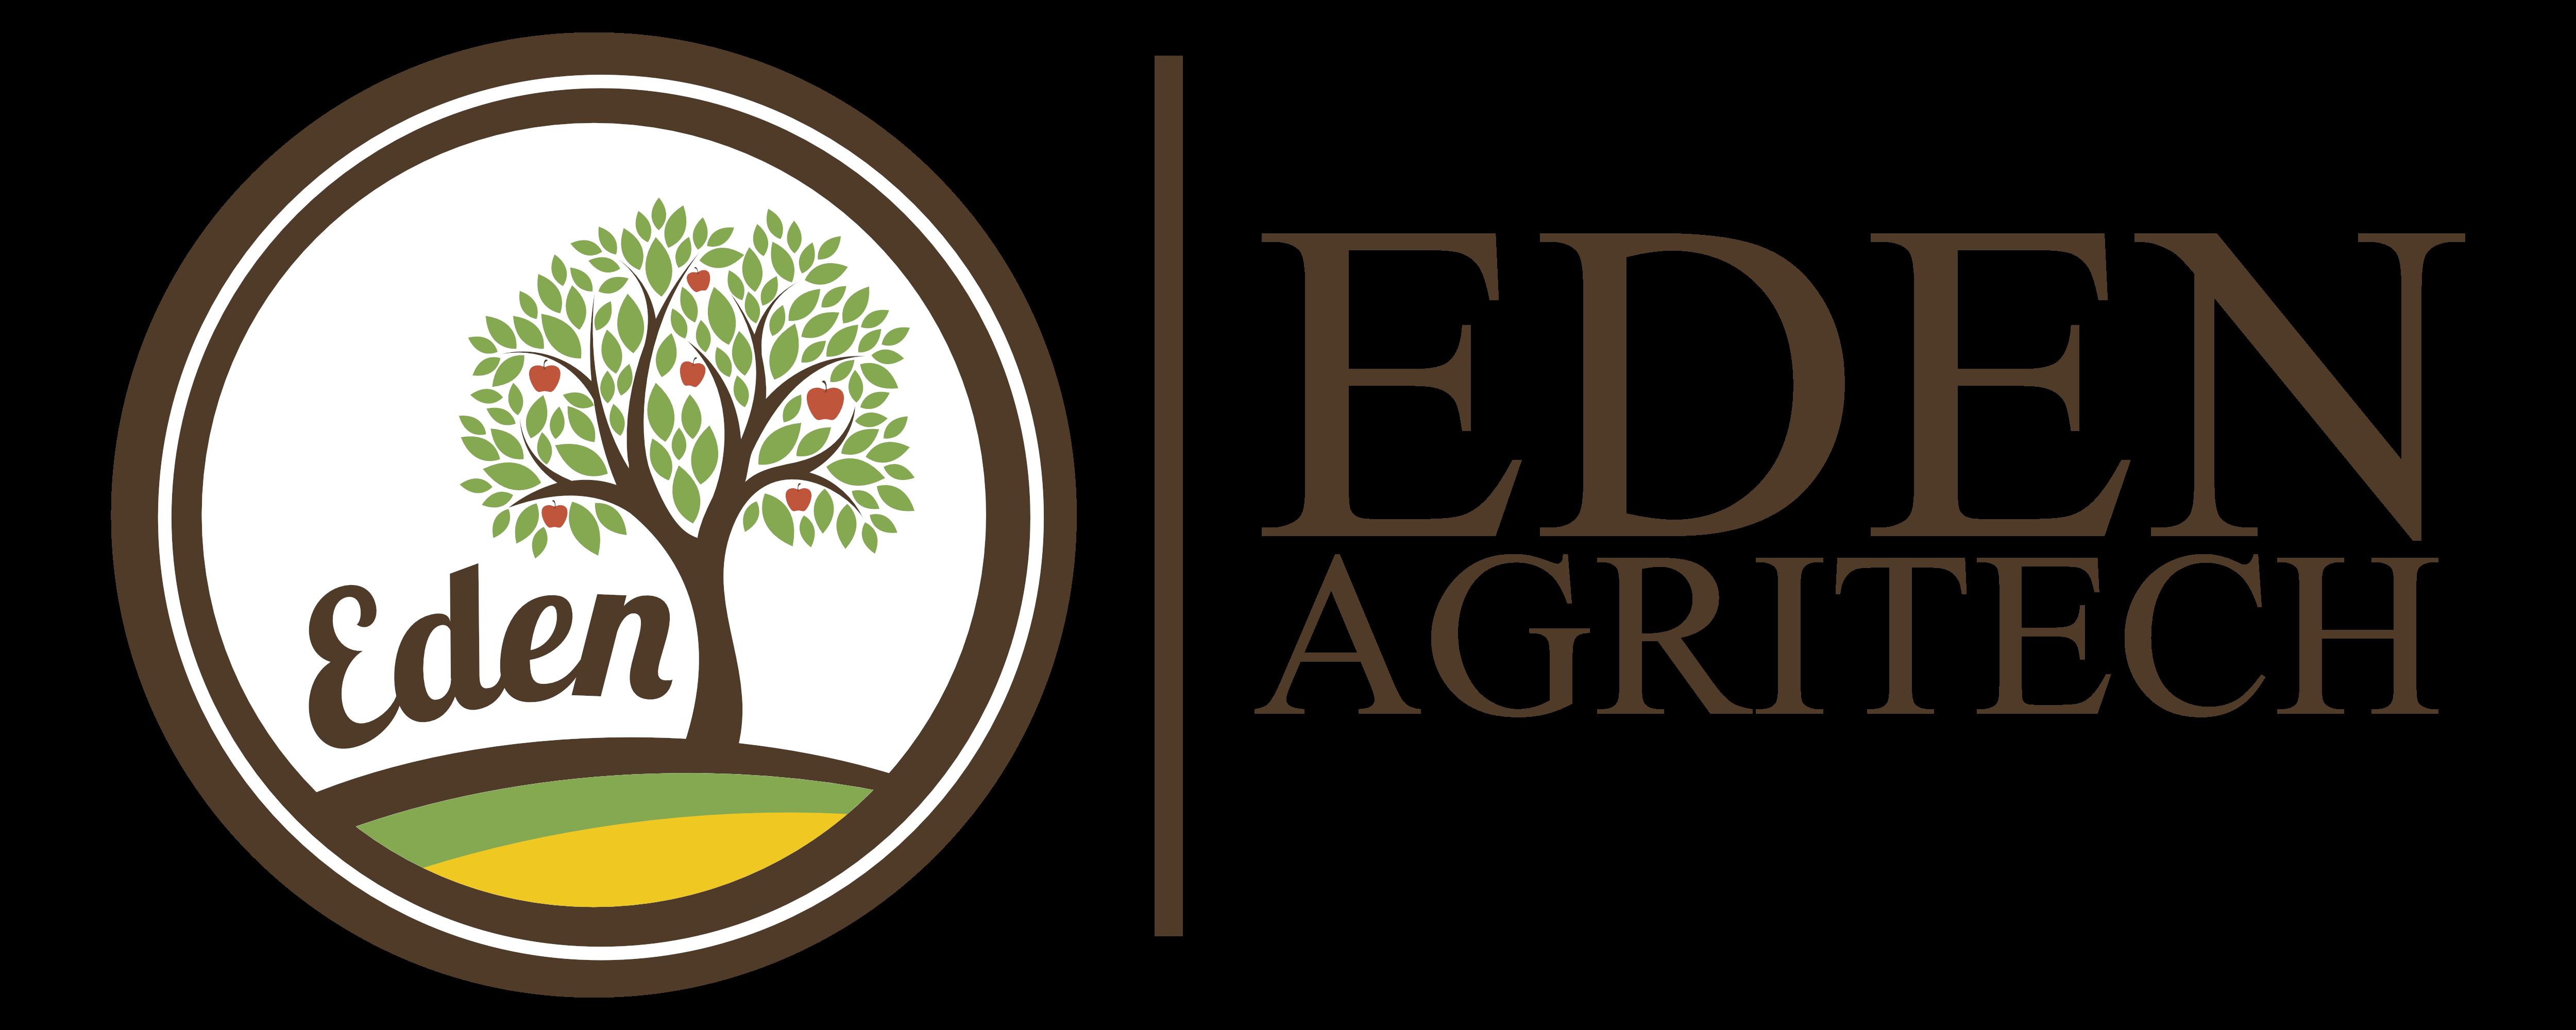 EDEN AGRITECH